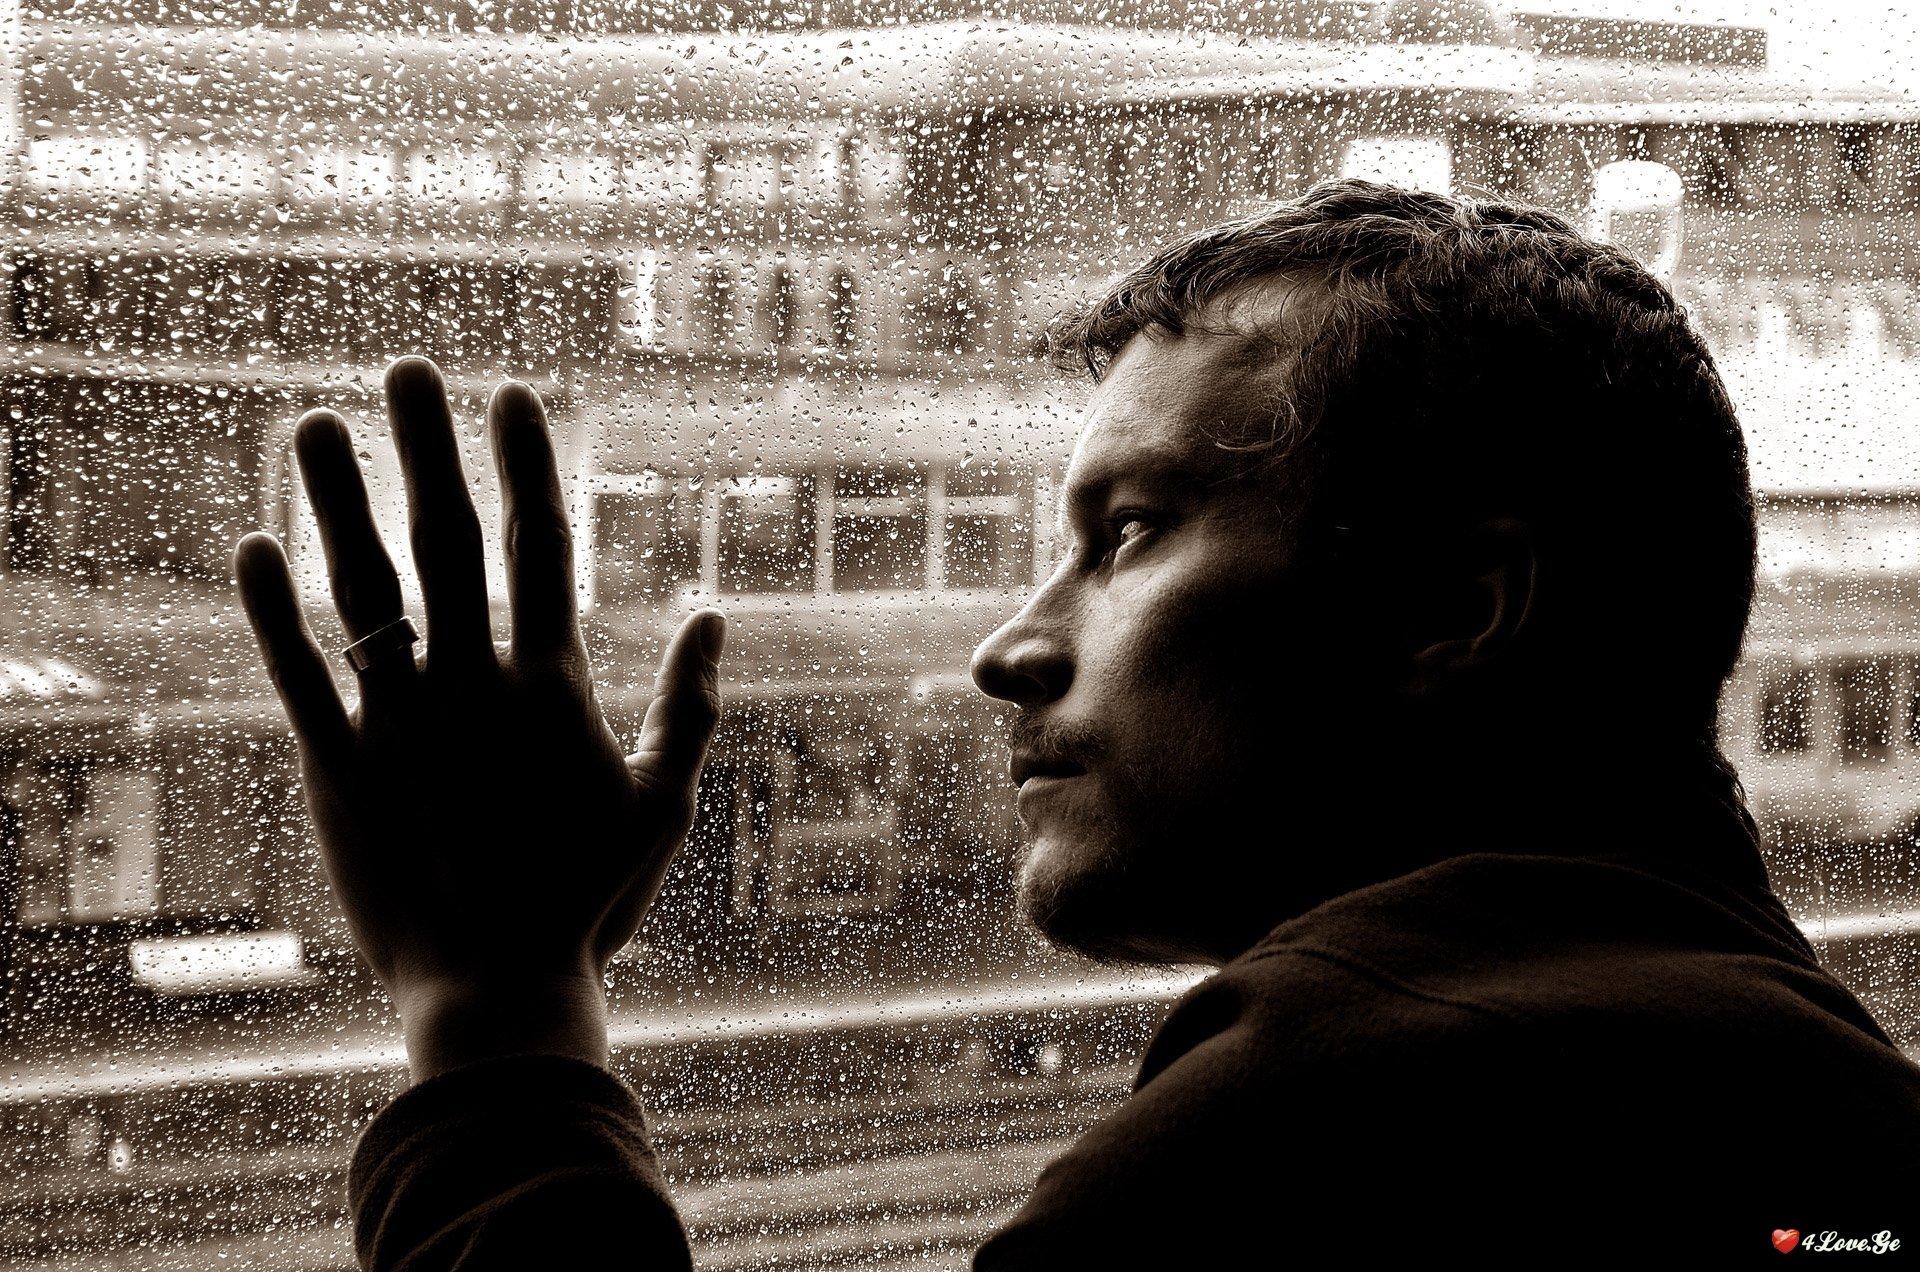 ერკე მიდასი - გადავხტები ფანჯრიდან